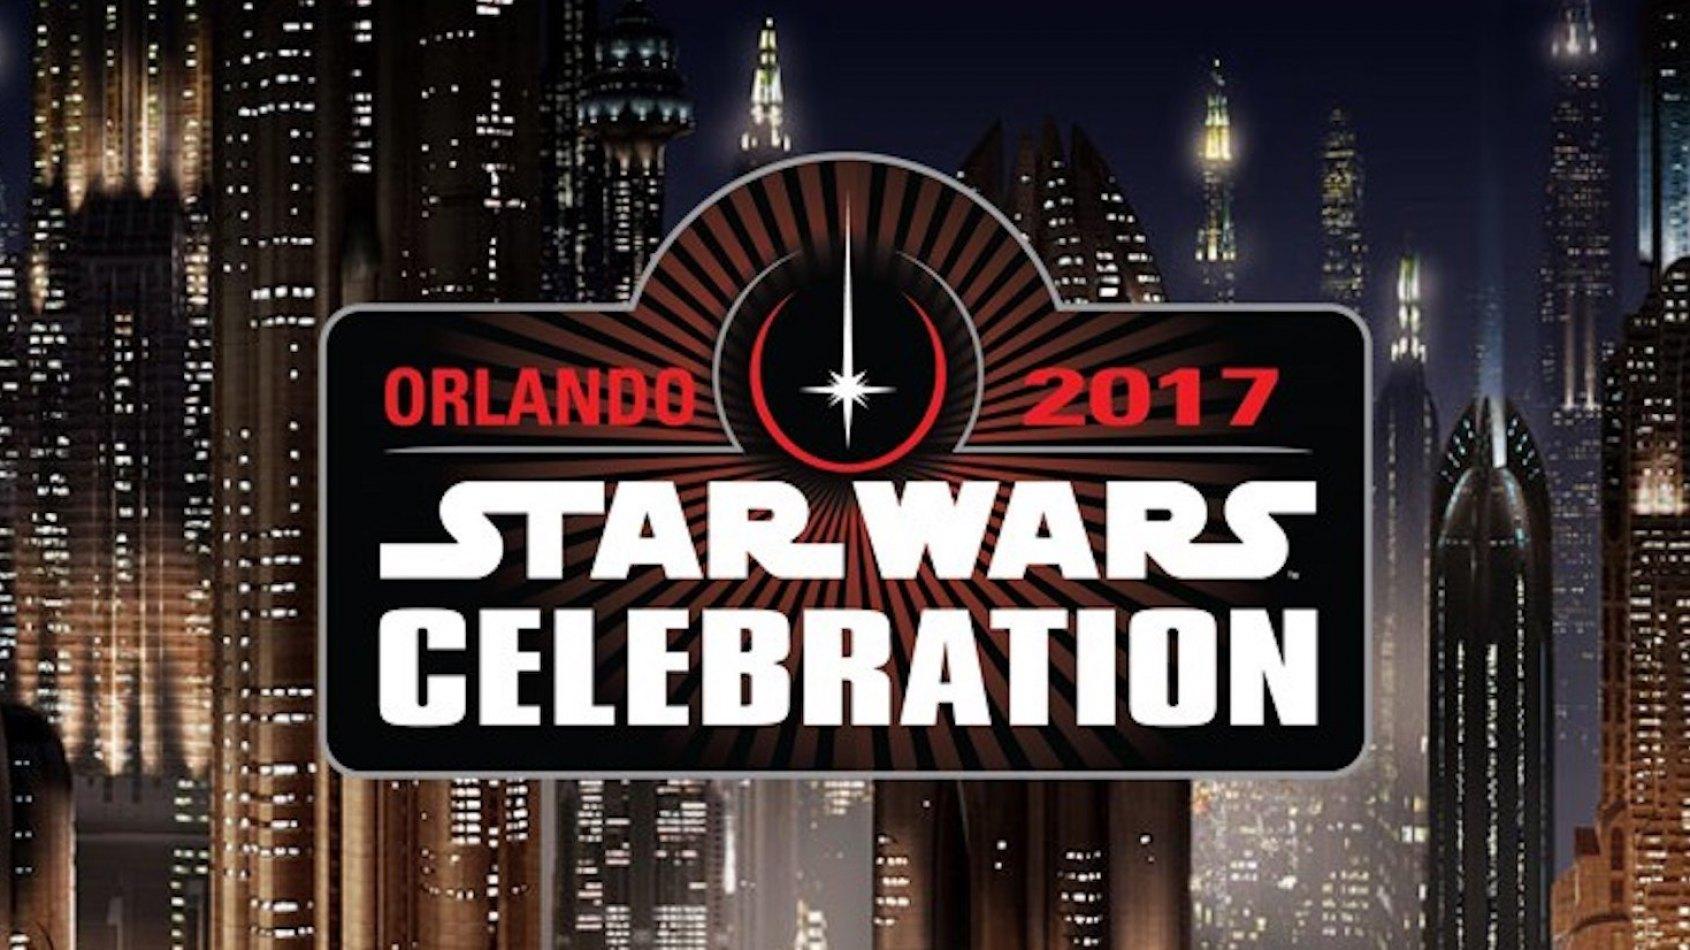 Le programme Pin Trading de la Star Wars Celebration dévoilé!